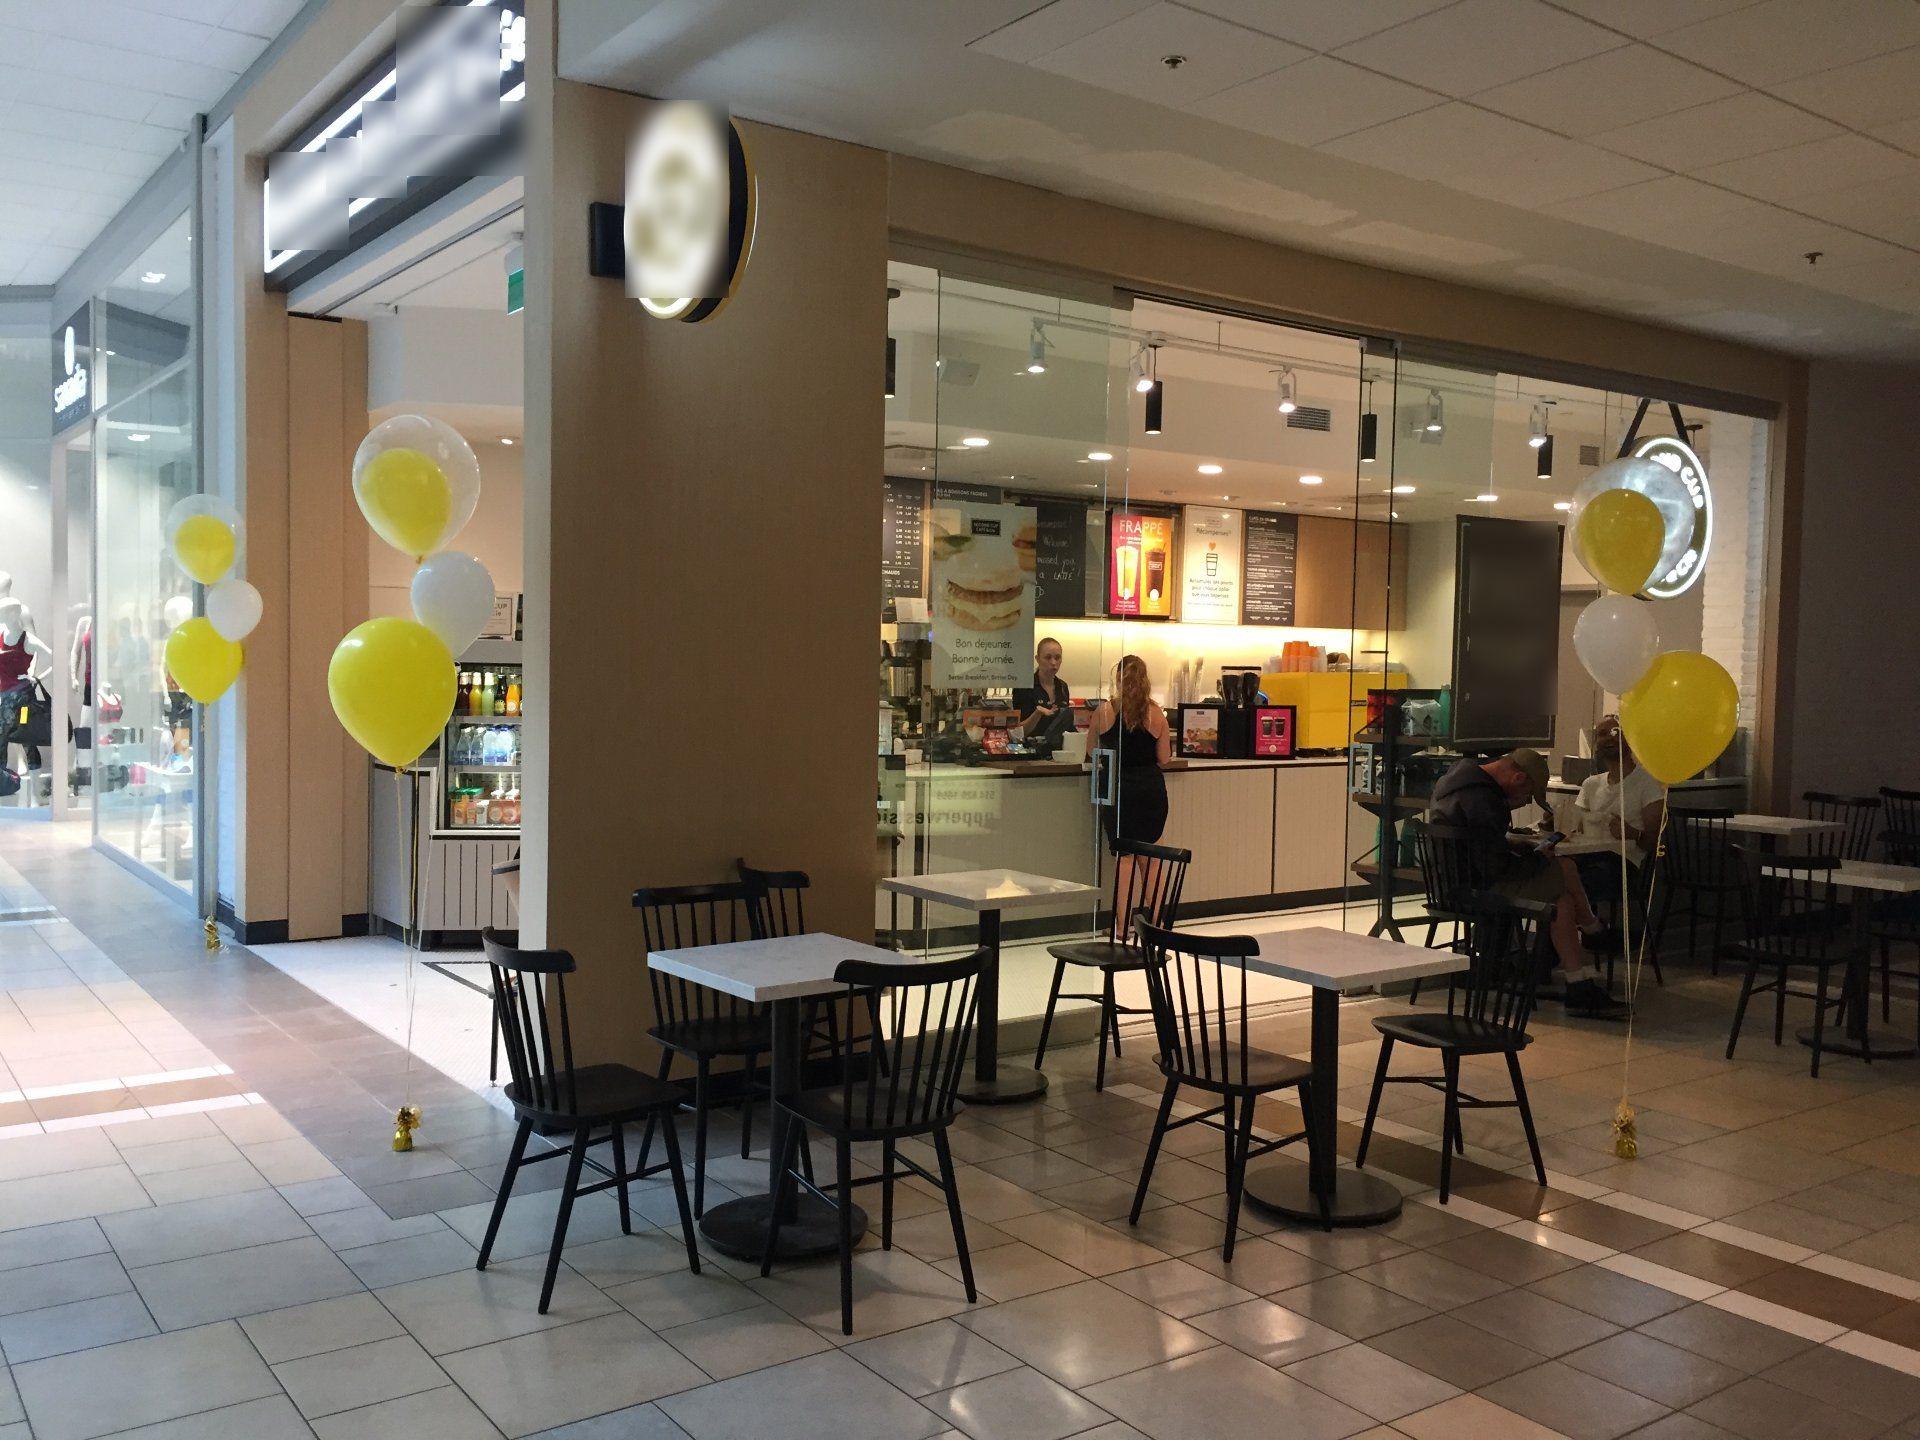 Vente Café / Beignes situé dans le centre commercial animé CF Fairview Pointe Claire